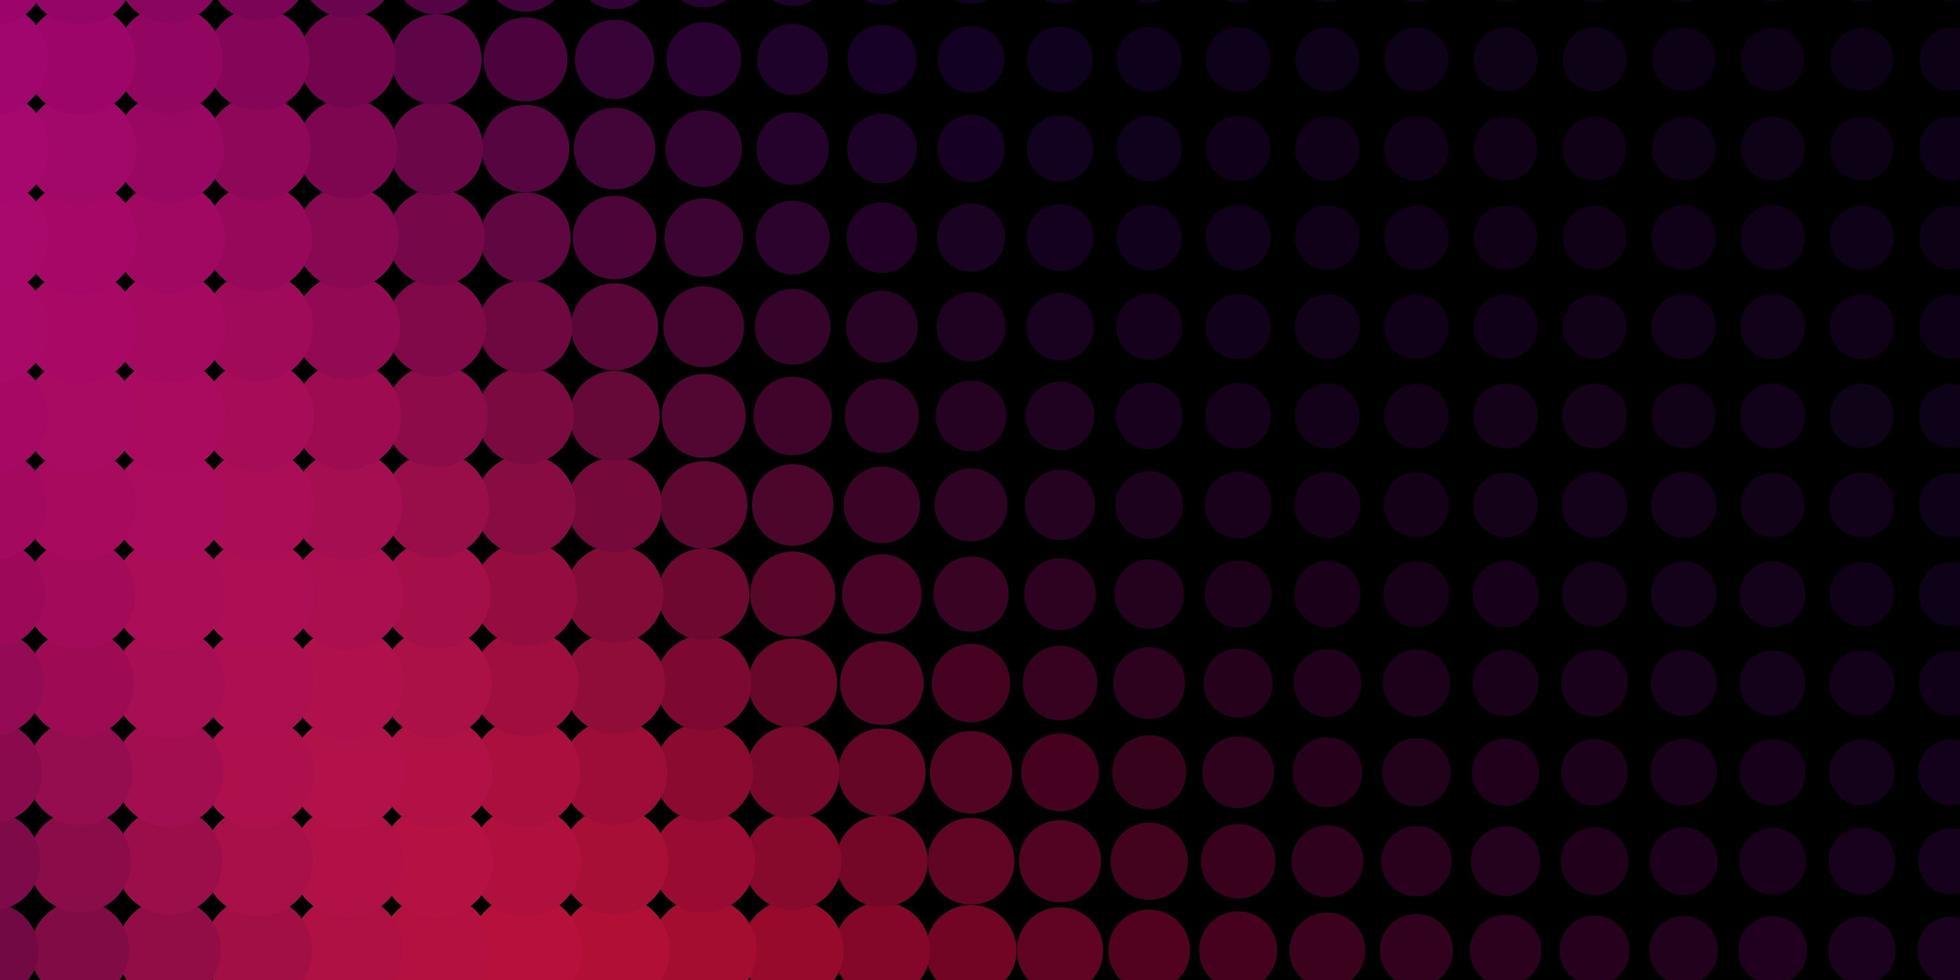 donkerroze vector achtergrond met bubbels.